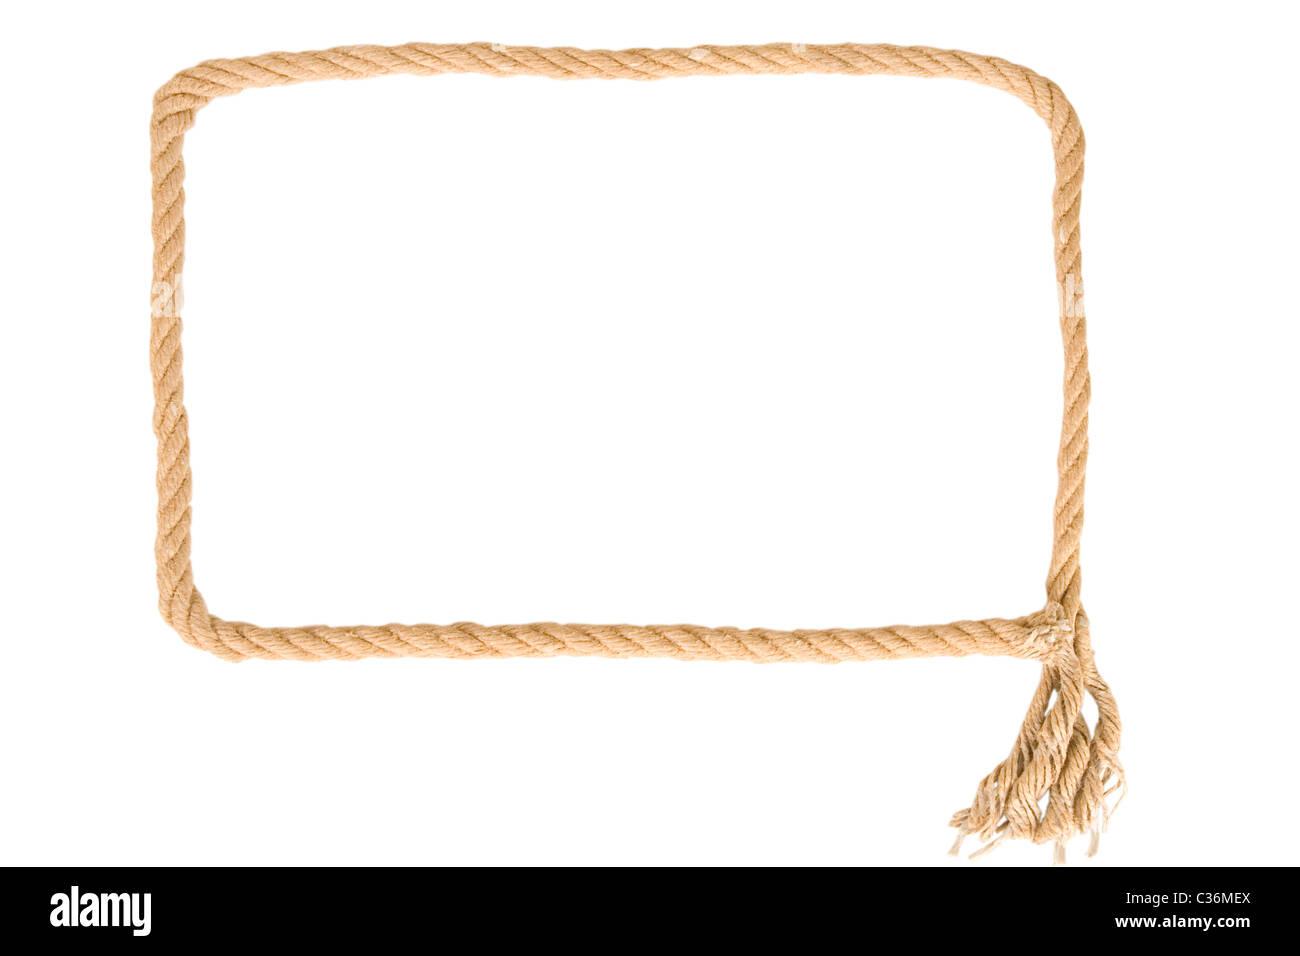 Marco de cuerda sobre fondo blanco. Imagen De Stock